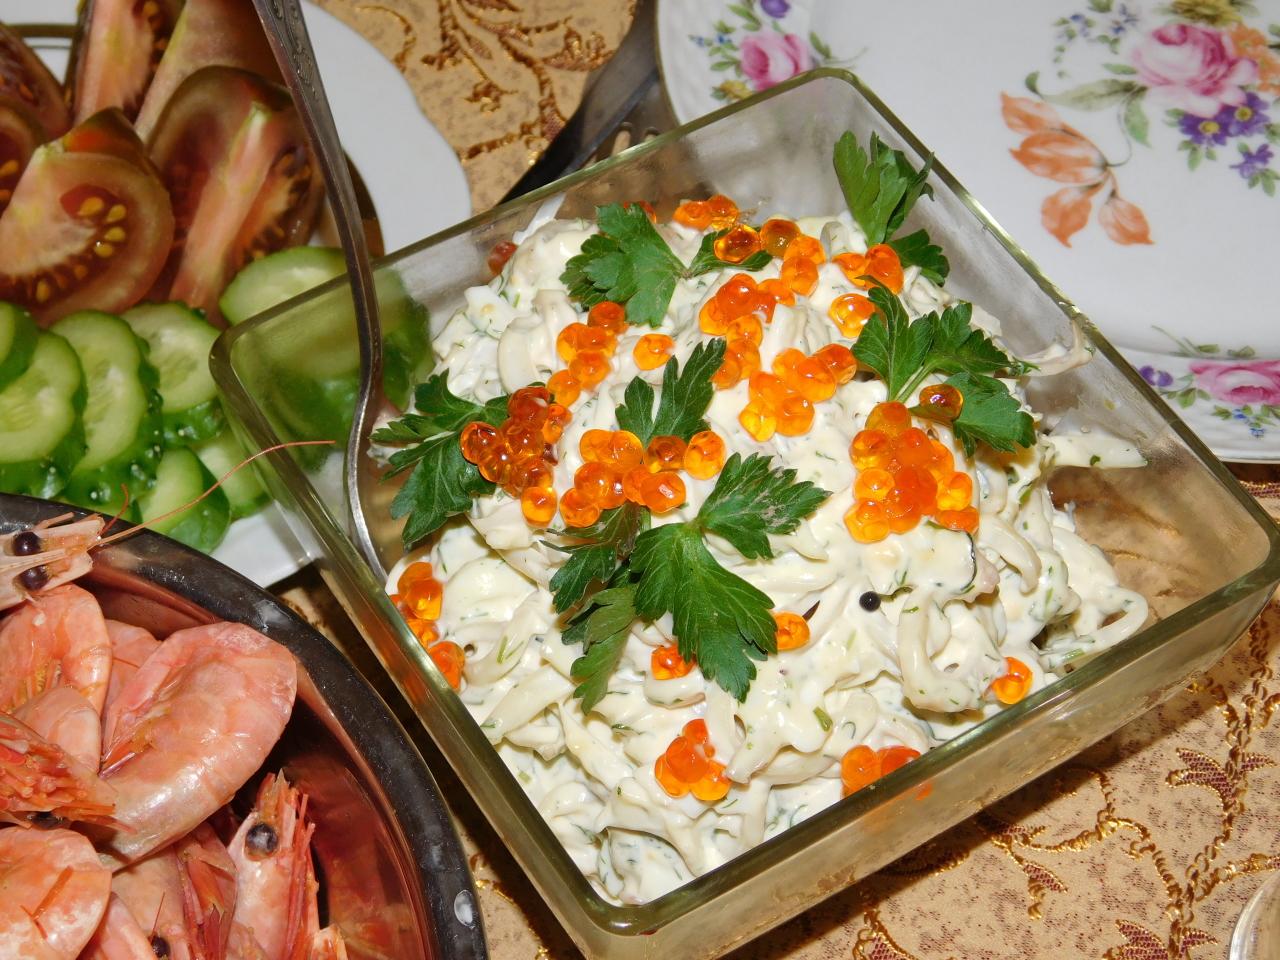 судьбе салат кремлевский рецепт с фото народные